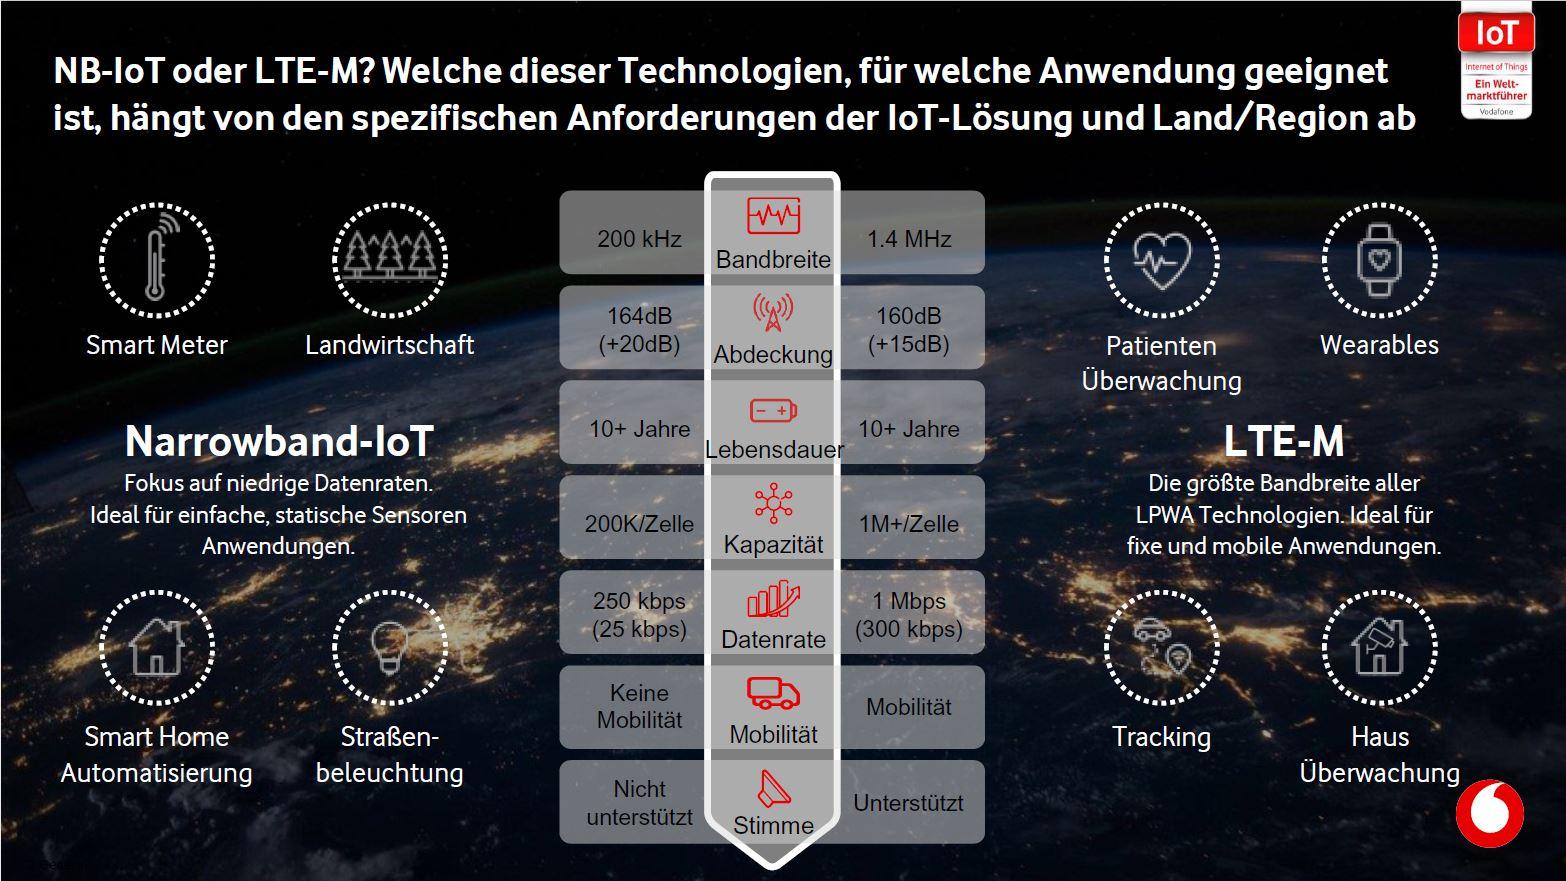 Schaubild zu Narrowband-IoT und LTE-M aus technischer Sicht